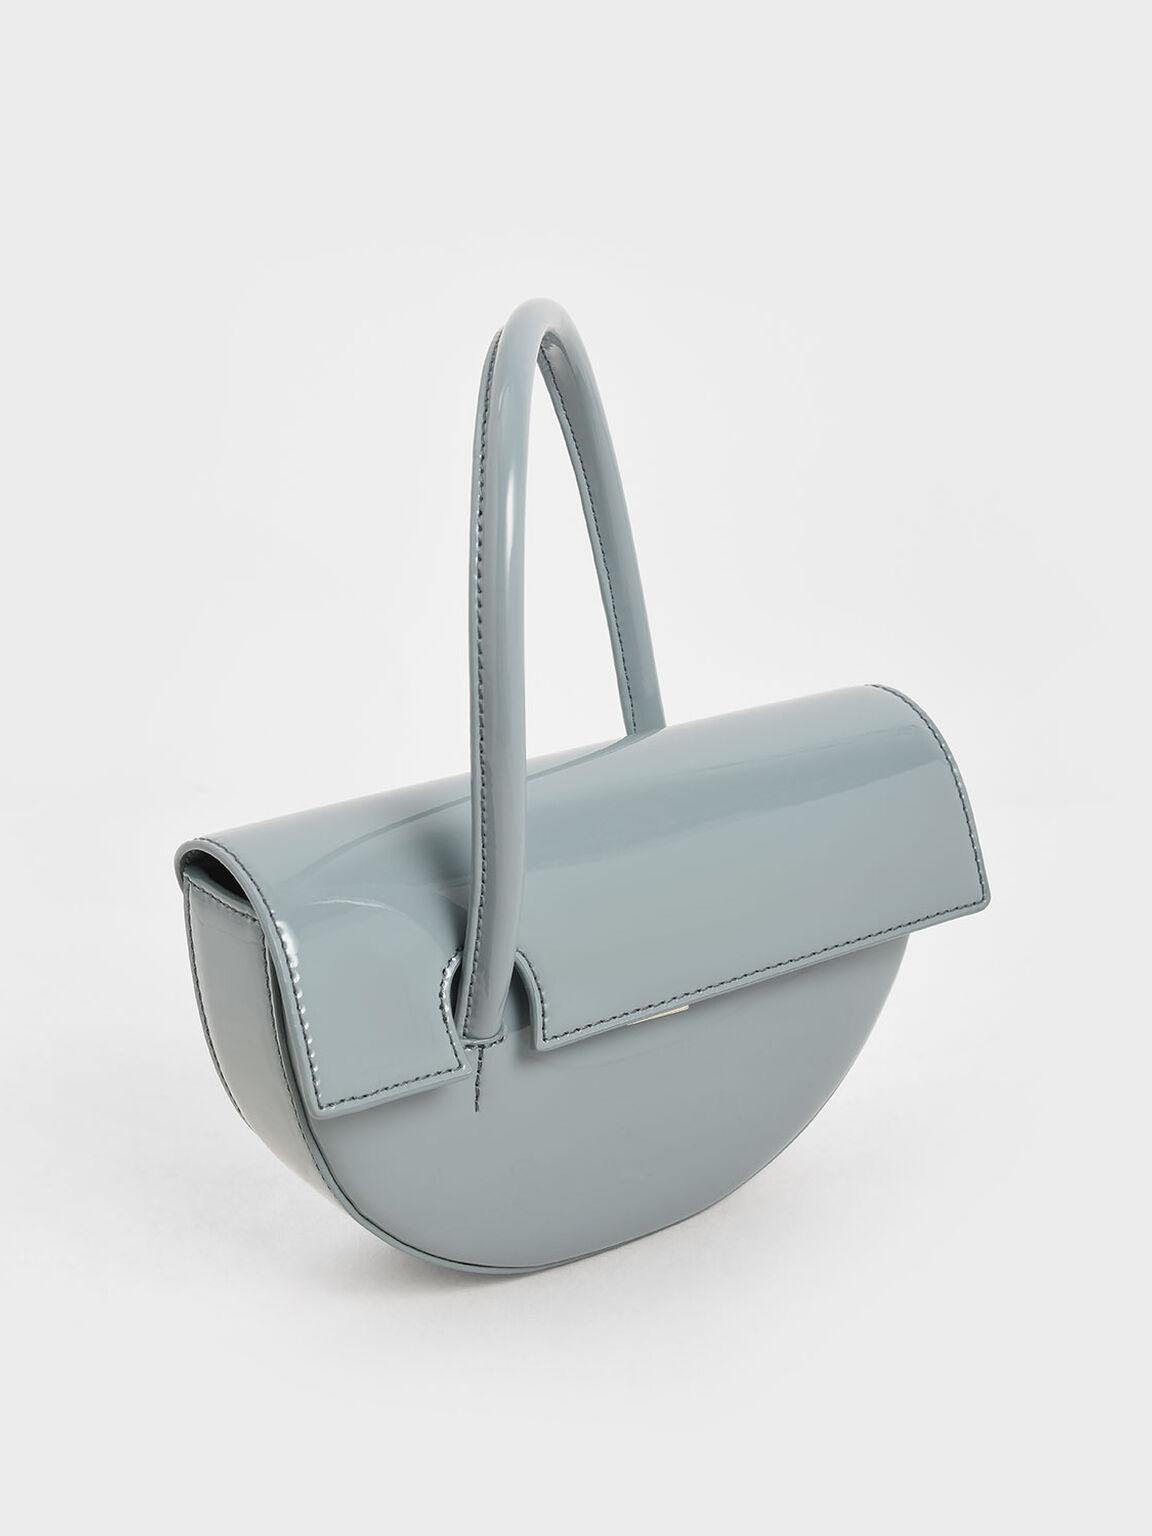 Patent Top Handle Semi-Circle Bag, Slate Blue, hi-res